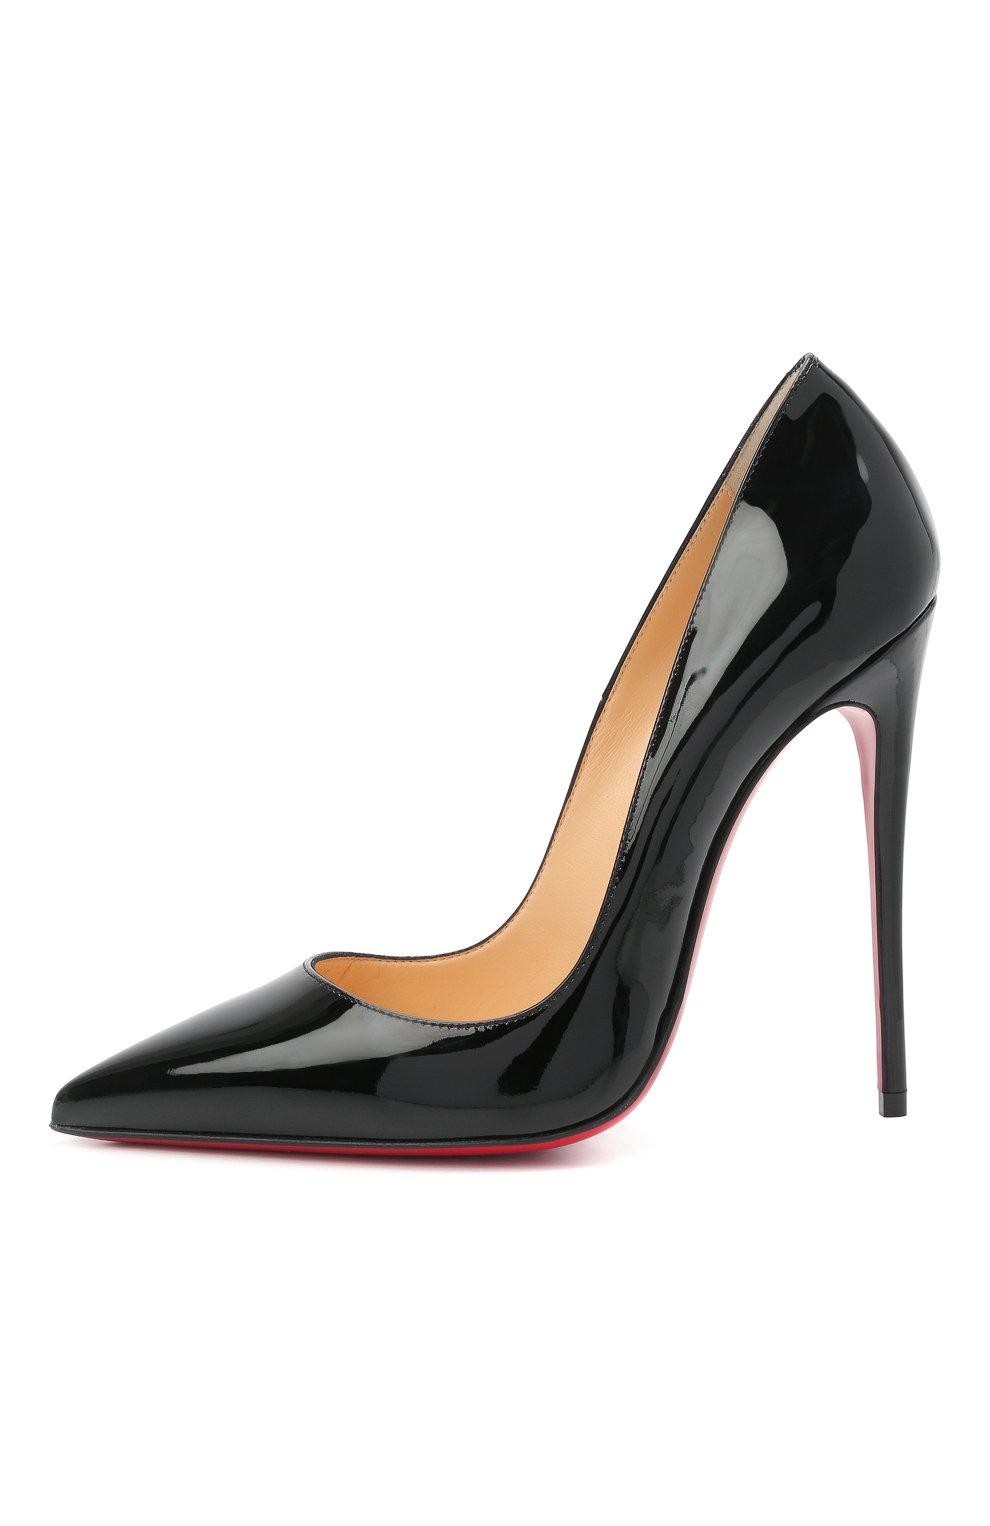 Женские кожаные туфли so kate 120 CHRISTIAN LOUBOUTIN черного цвета, арт. 3130694/S0 KATE 120 | Фото 3